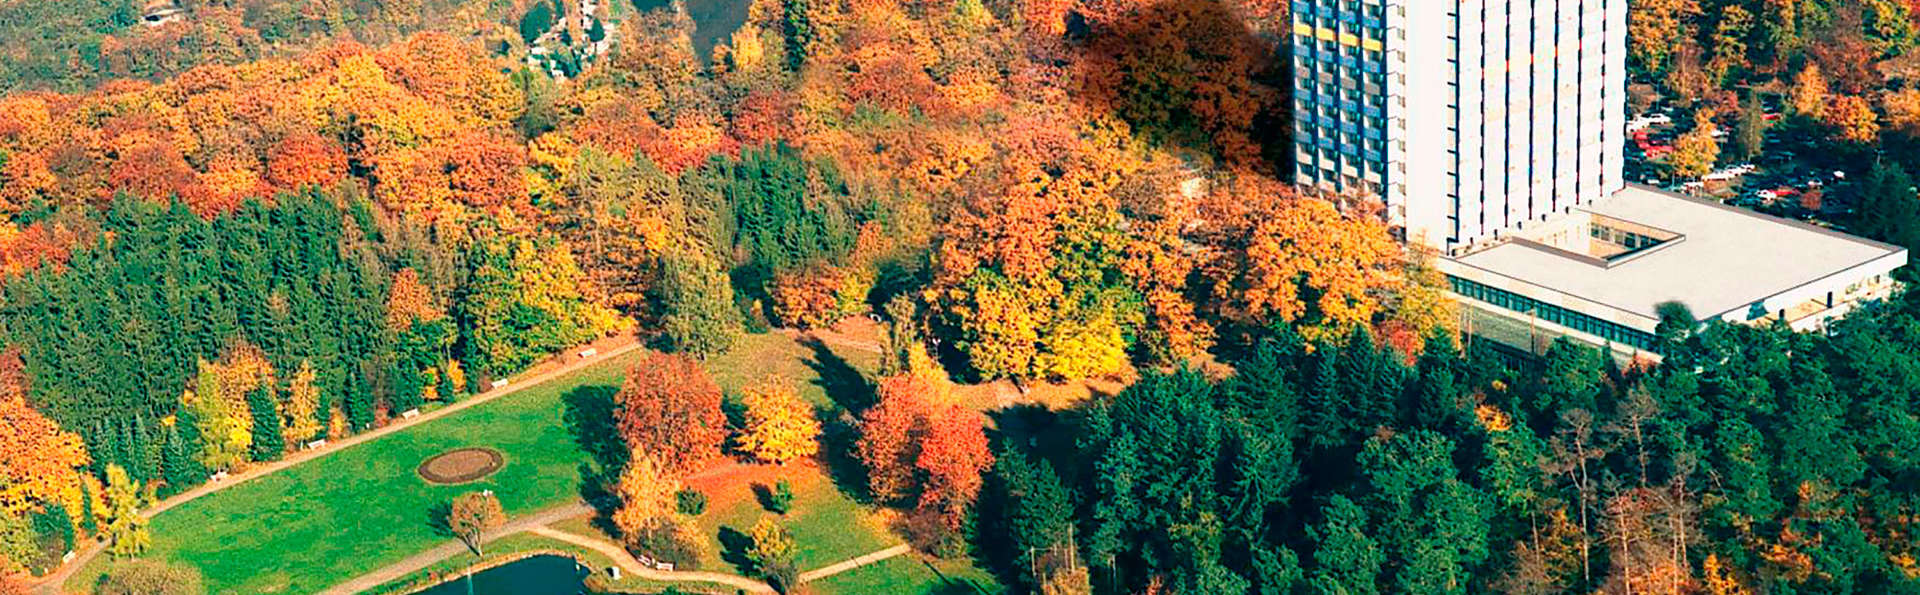 Wyndham Garden Lahnstein Koblenz - EDIT_front1.jpg